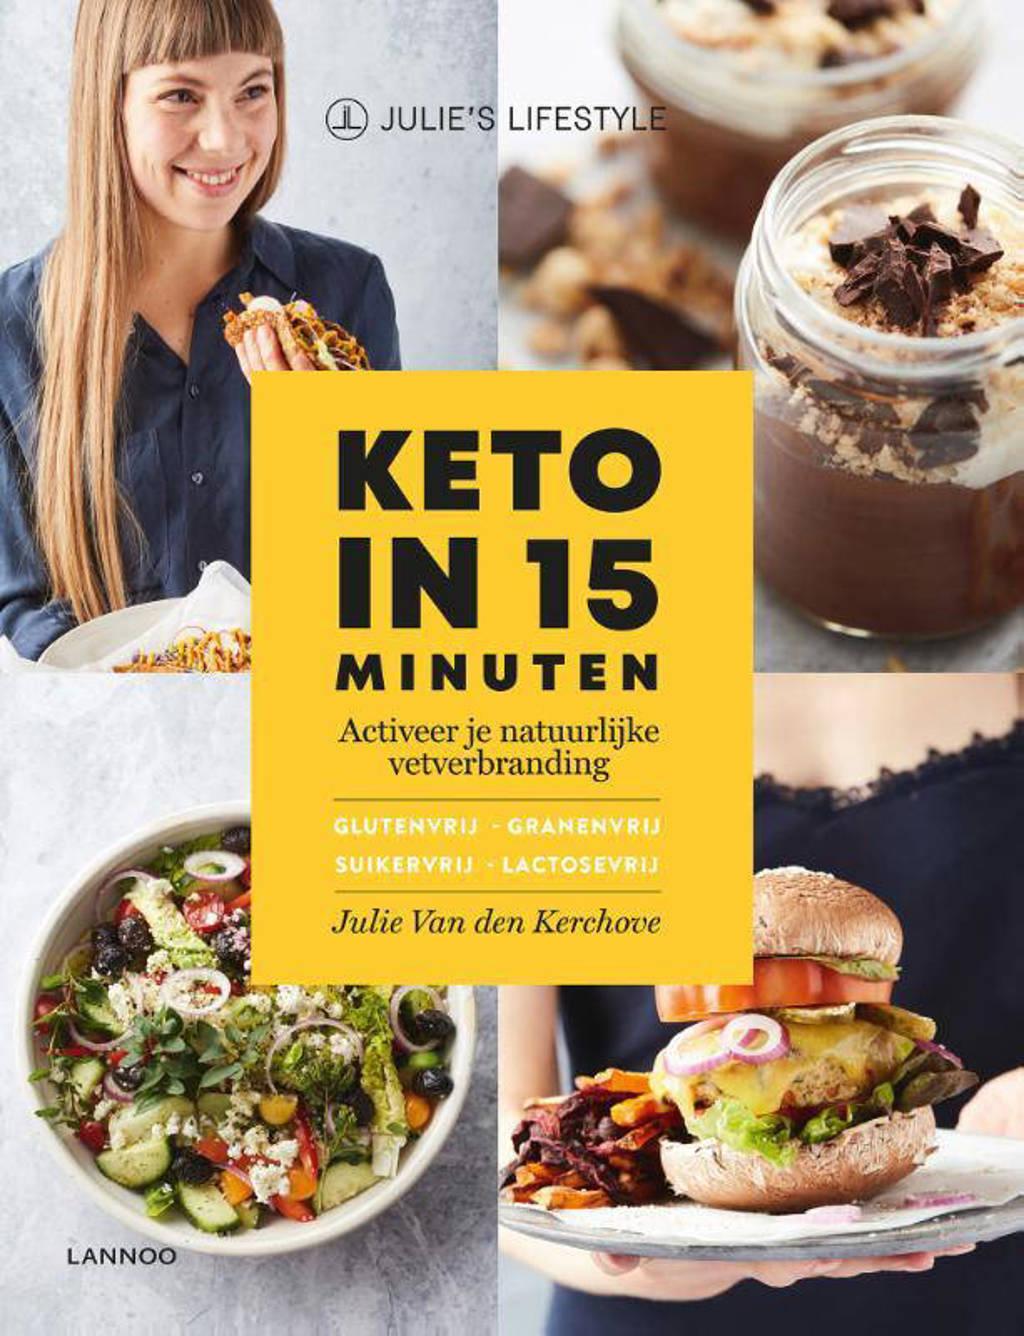 Keto in 15 minuten - Julie Van den Kerchove